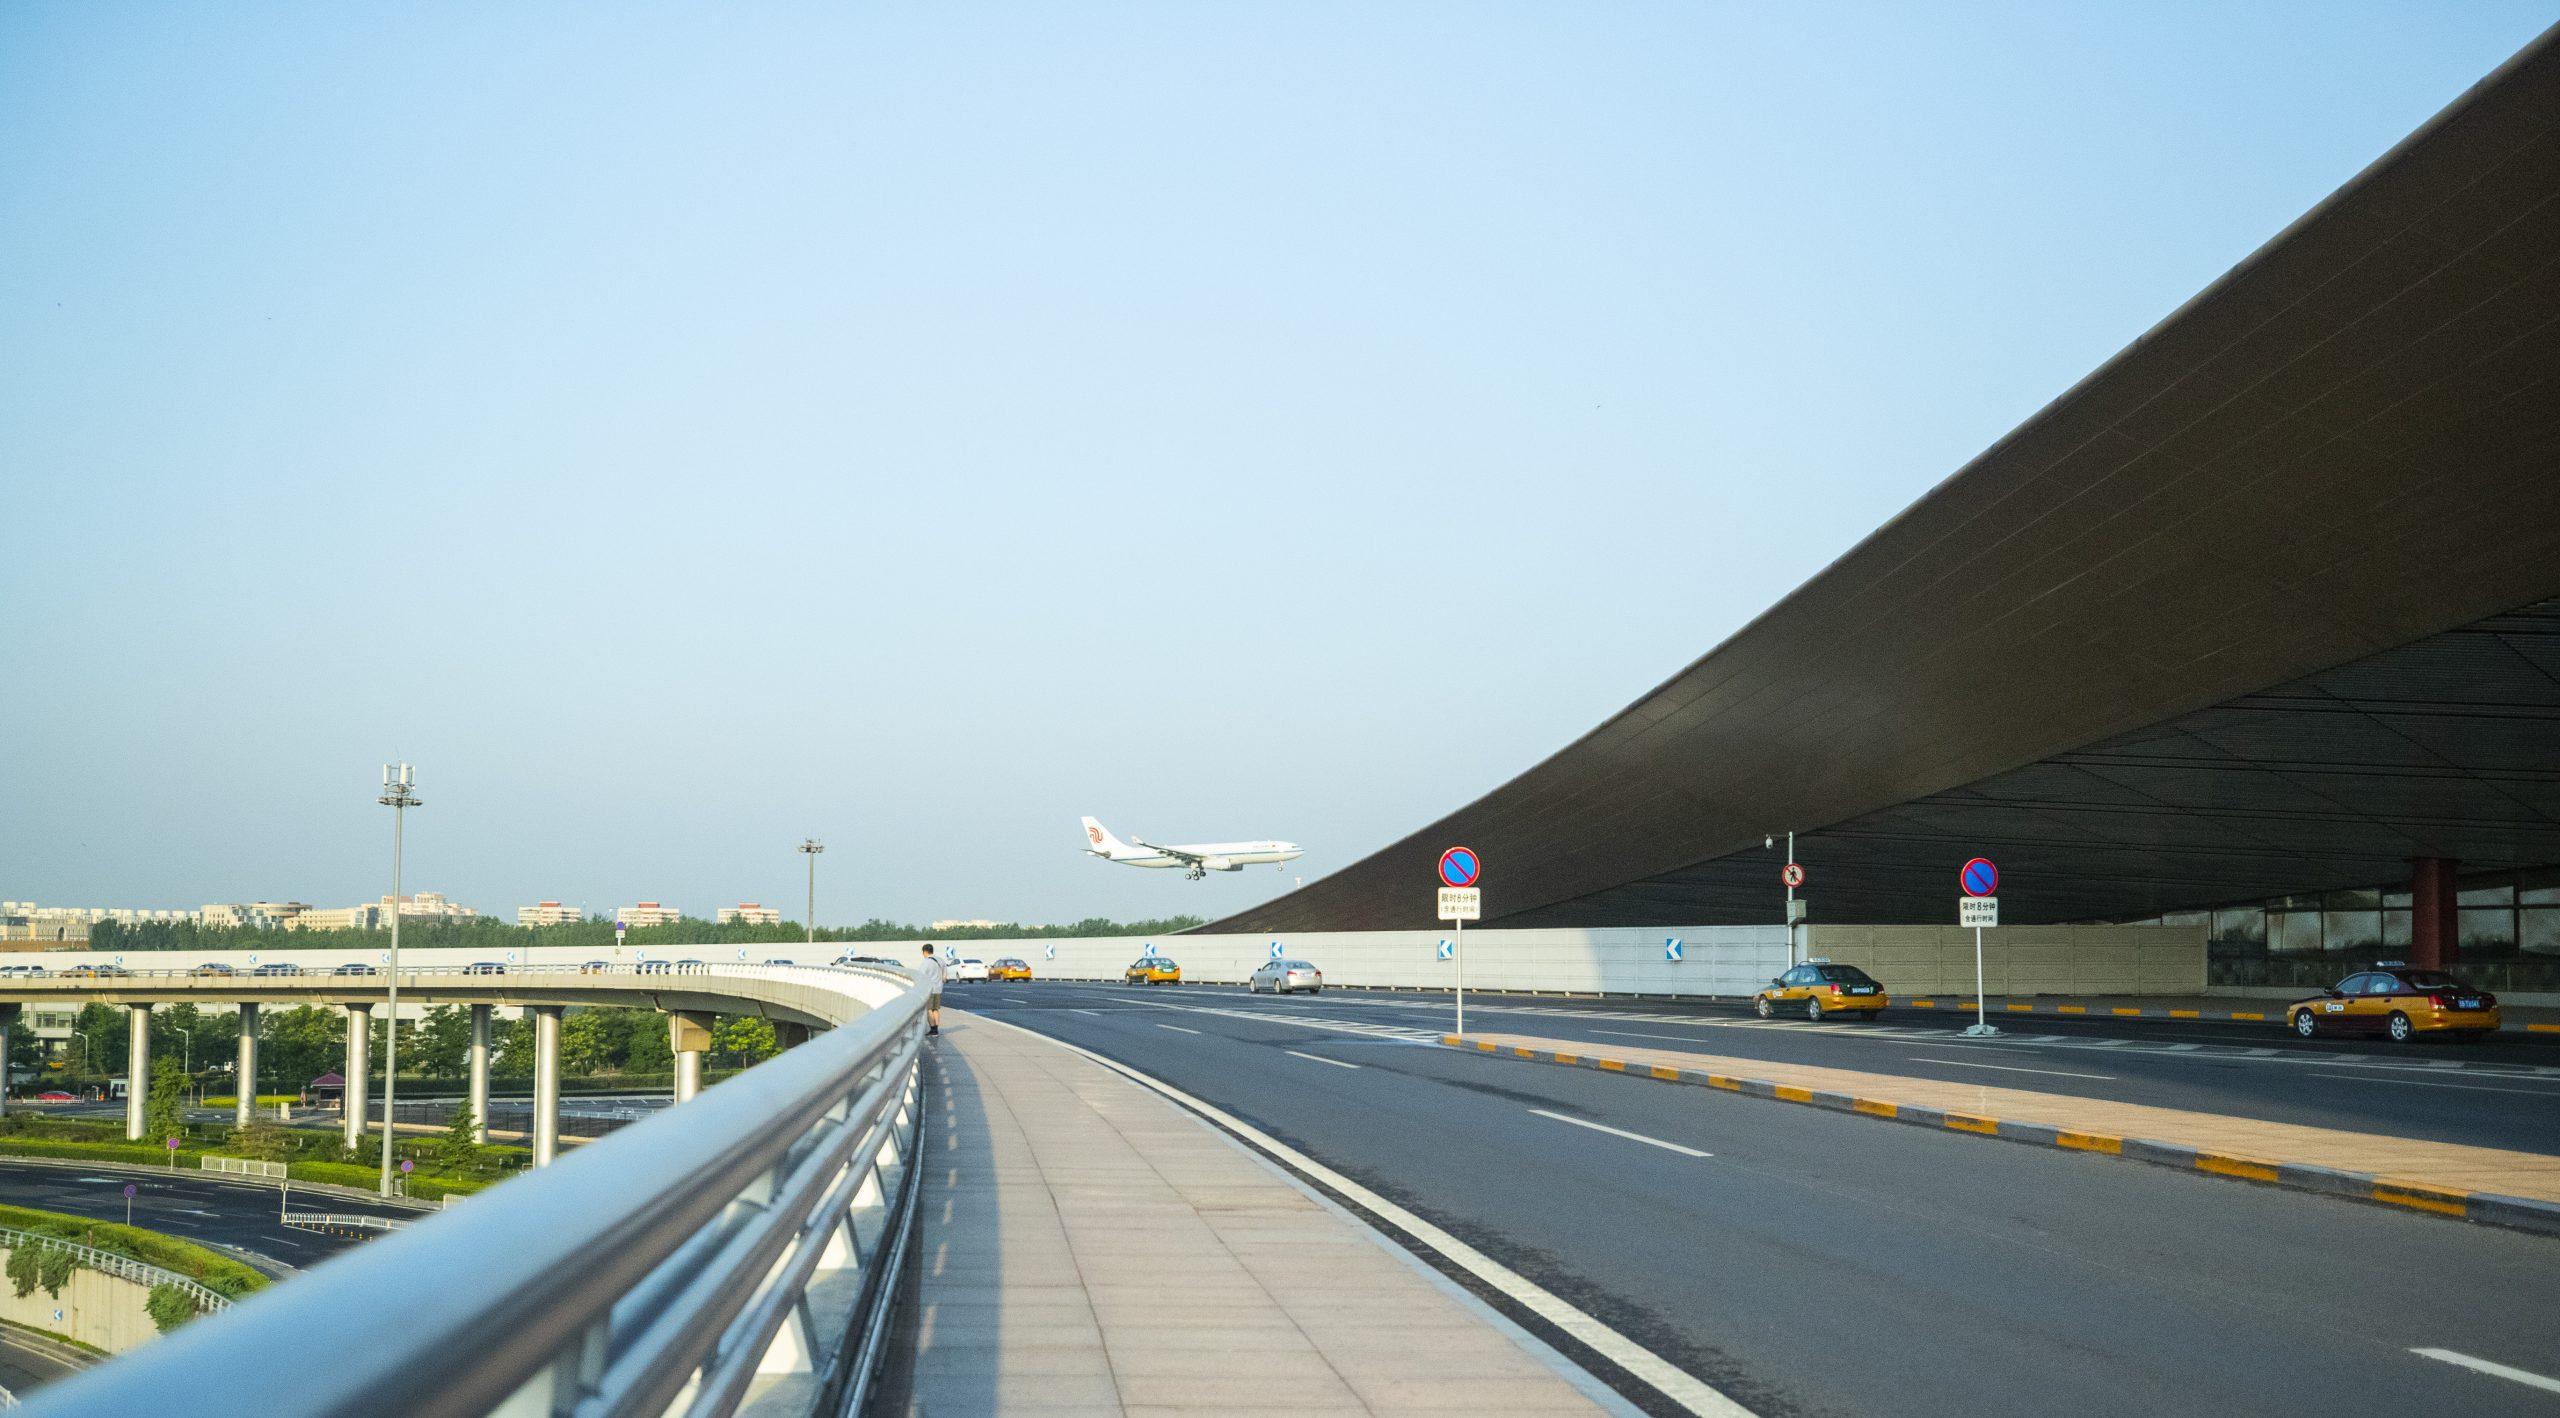 An international airport